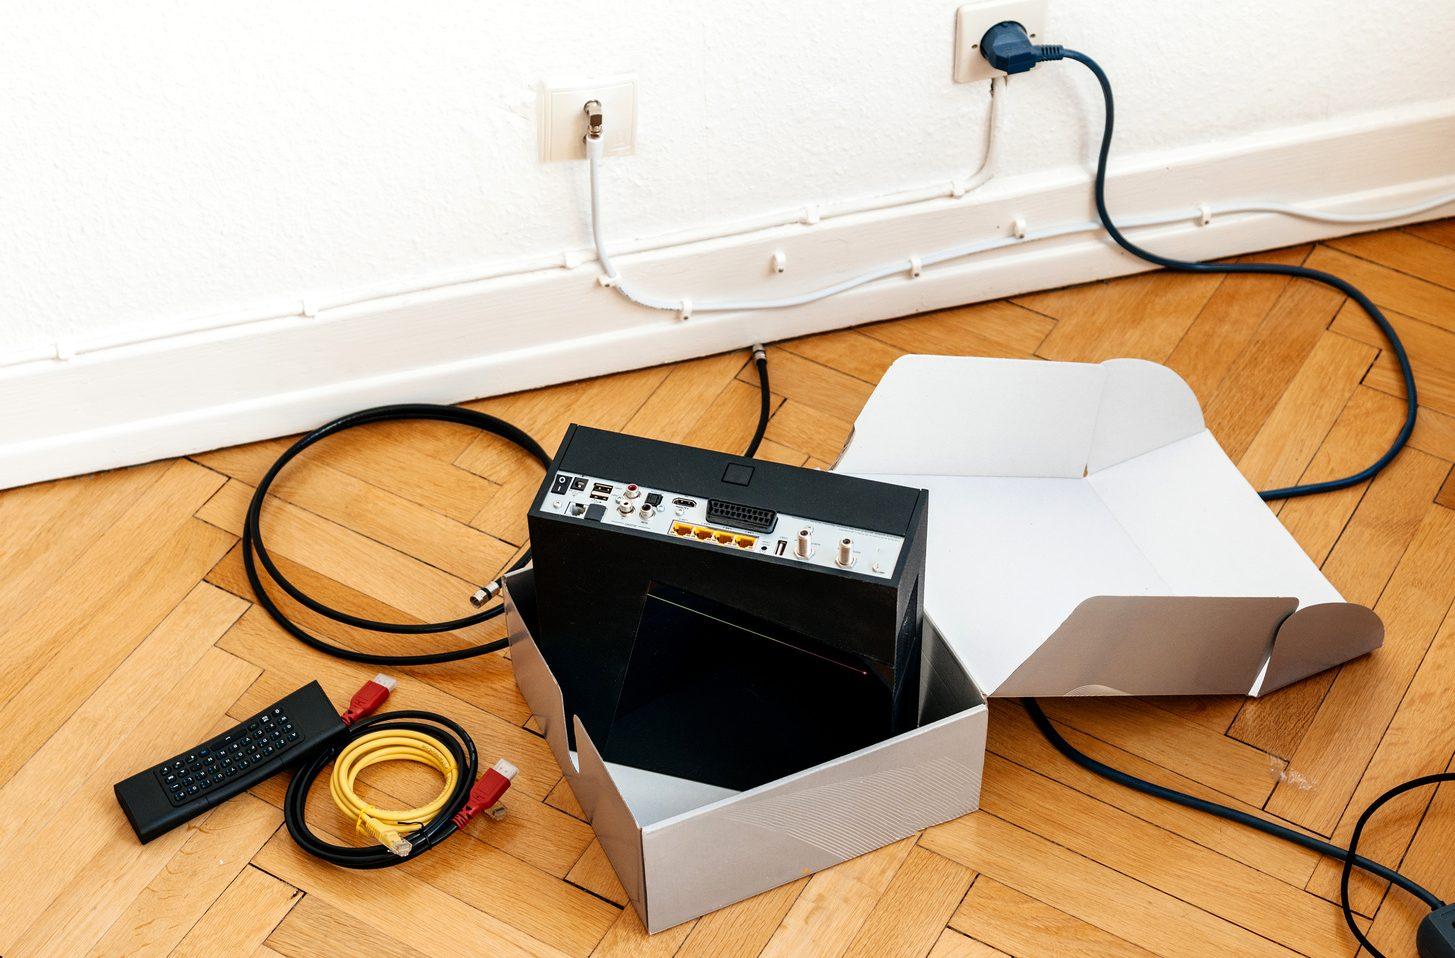 meilleure box internet quels crit res privil gier capitaine forfait. Black Bedroom Furniture Sets. Home Design Ideas